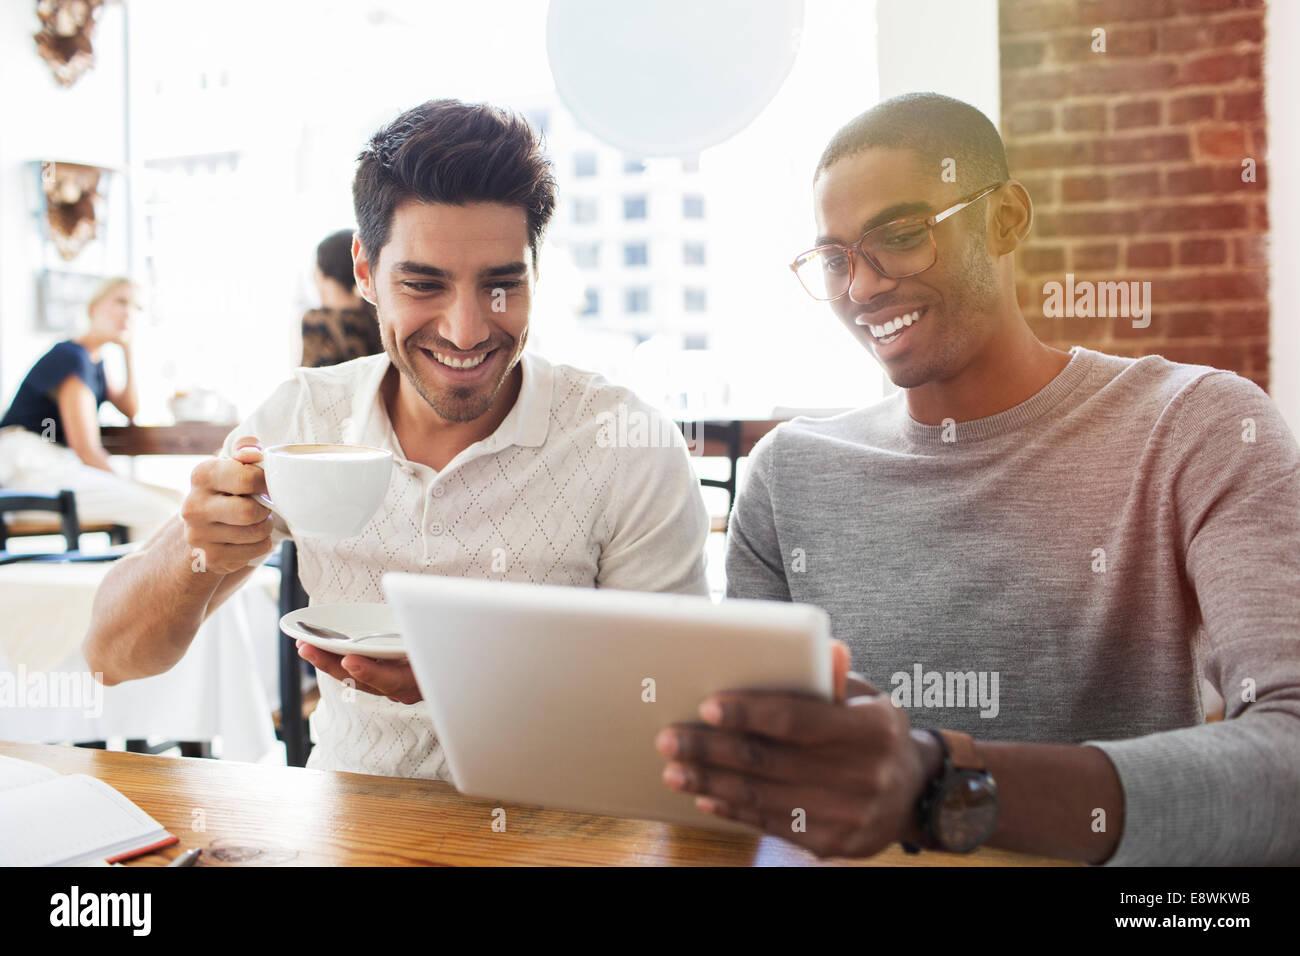 Businessmen using digital tablet in cafe - Stock Image